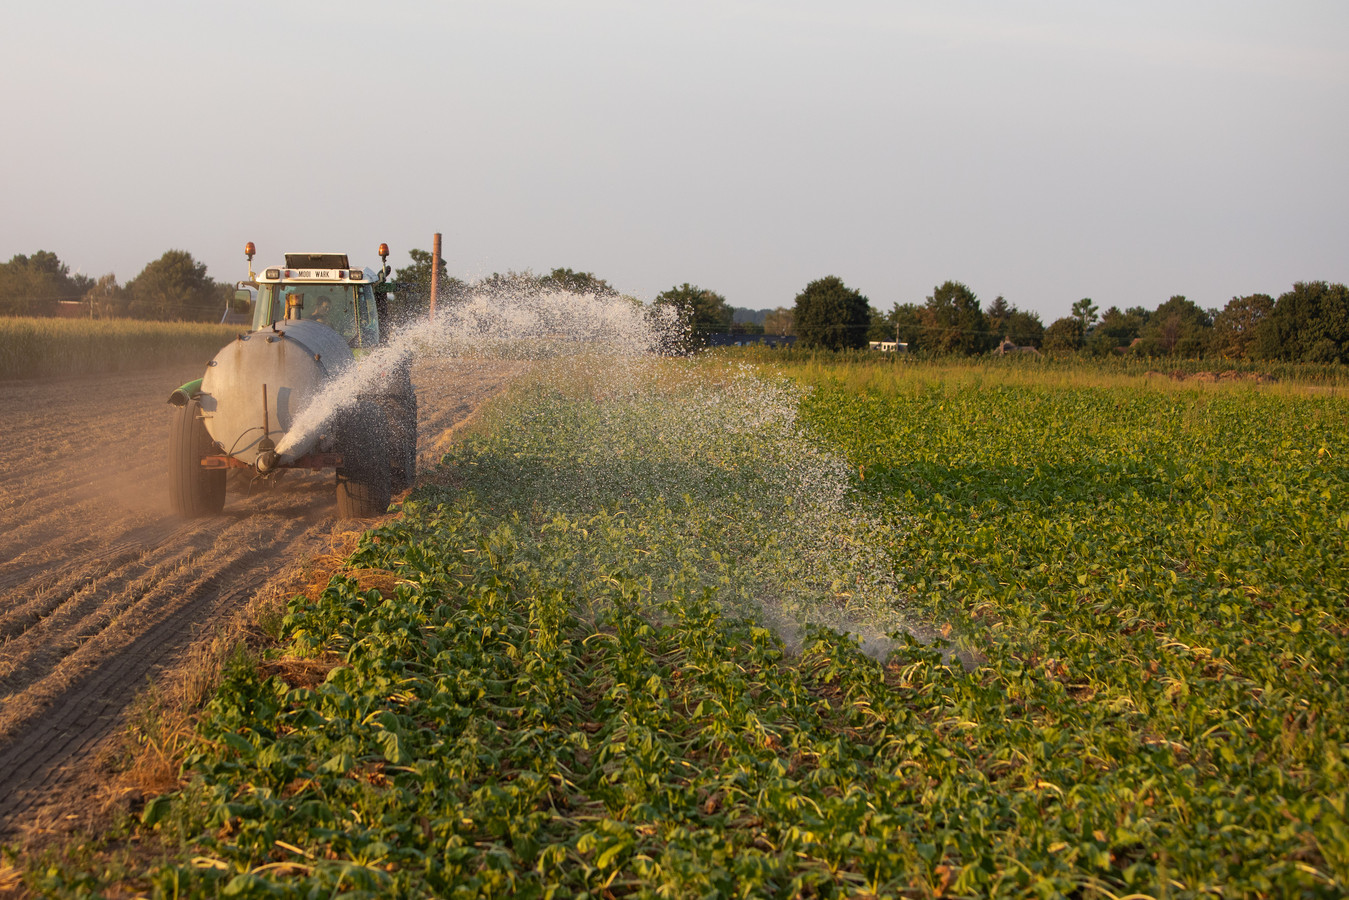 In de strijd tegen de droogte in de Achterhoek, heeft dijkgraaf Hein Pieper gisteren in deze krant een paar wilde ideeën gelanceerd. Foto ter illustratie.